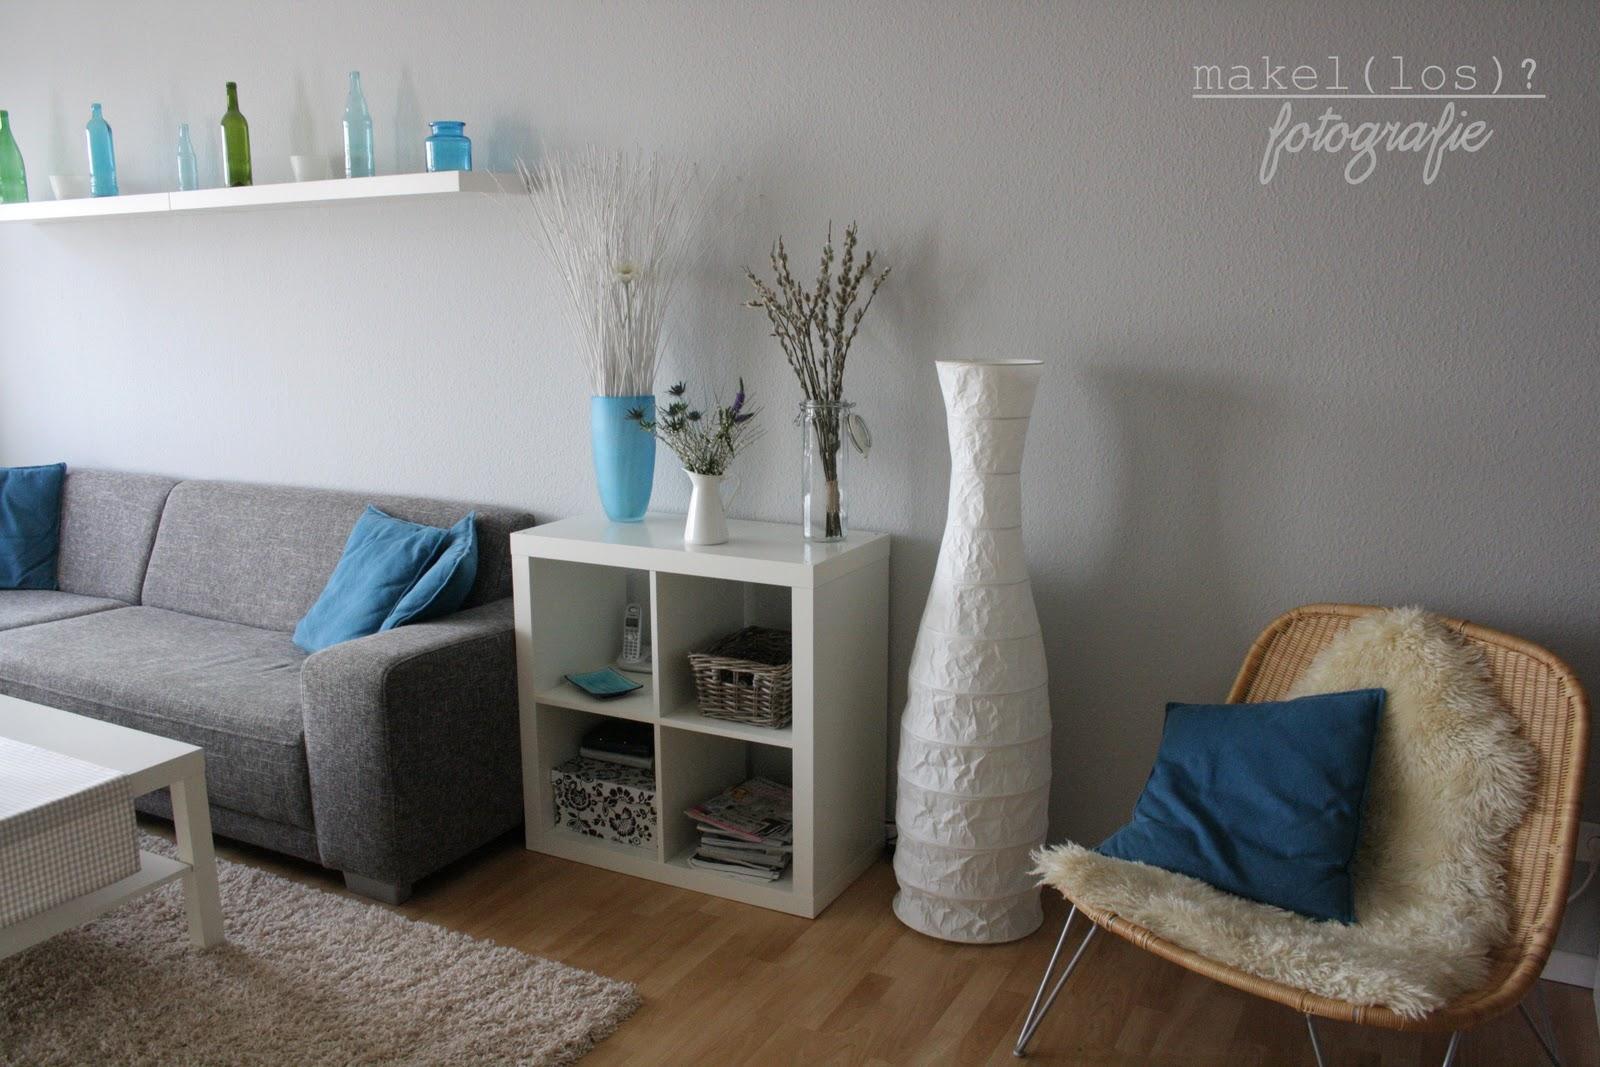 Wohnzimmer gestalten grau weiss blau - Wohnzimmer blau grau ...